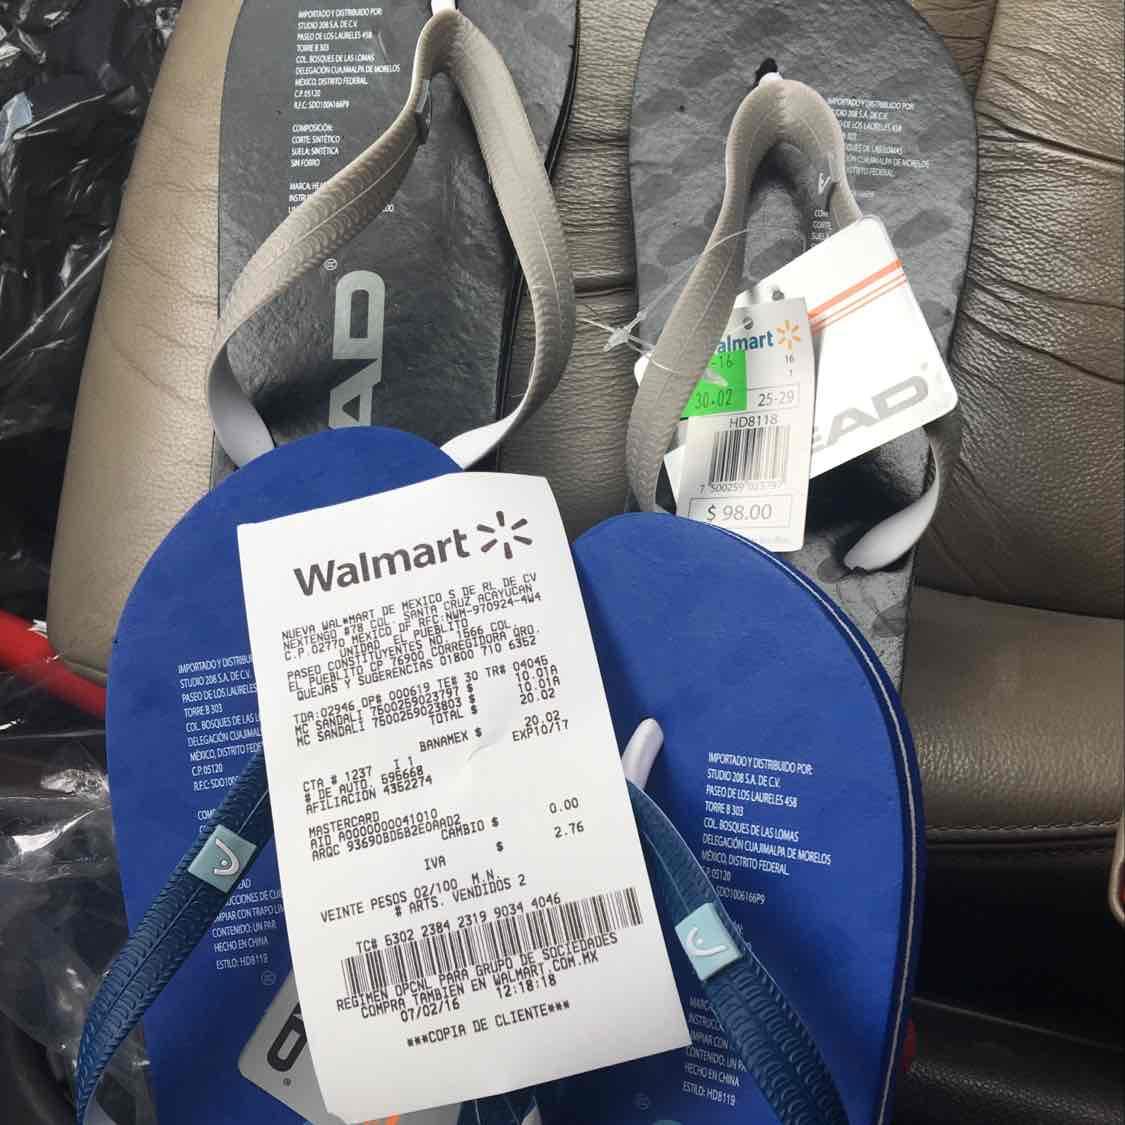 Walmart Unidad el Pueblito: sandalia head super barata a $10.01